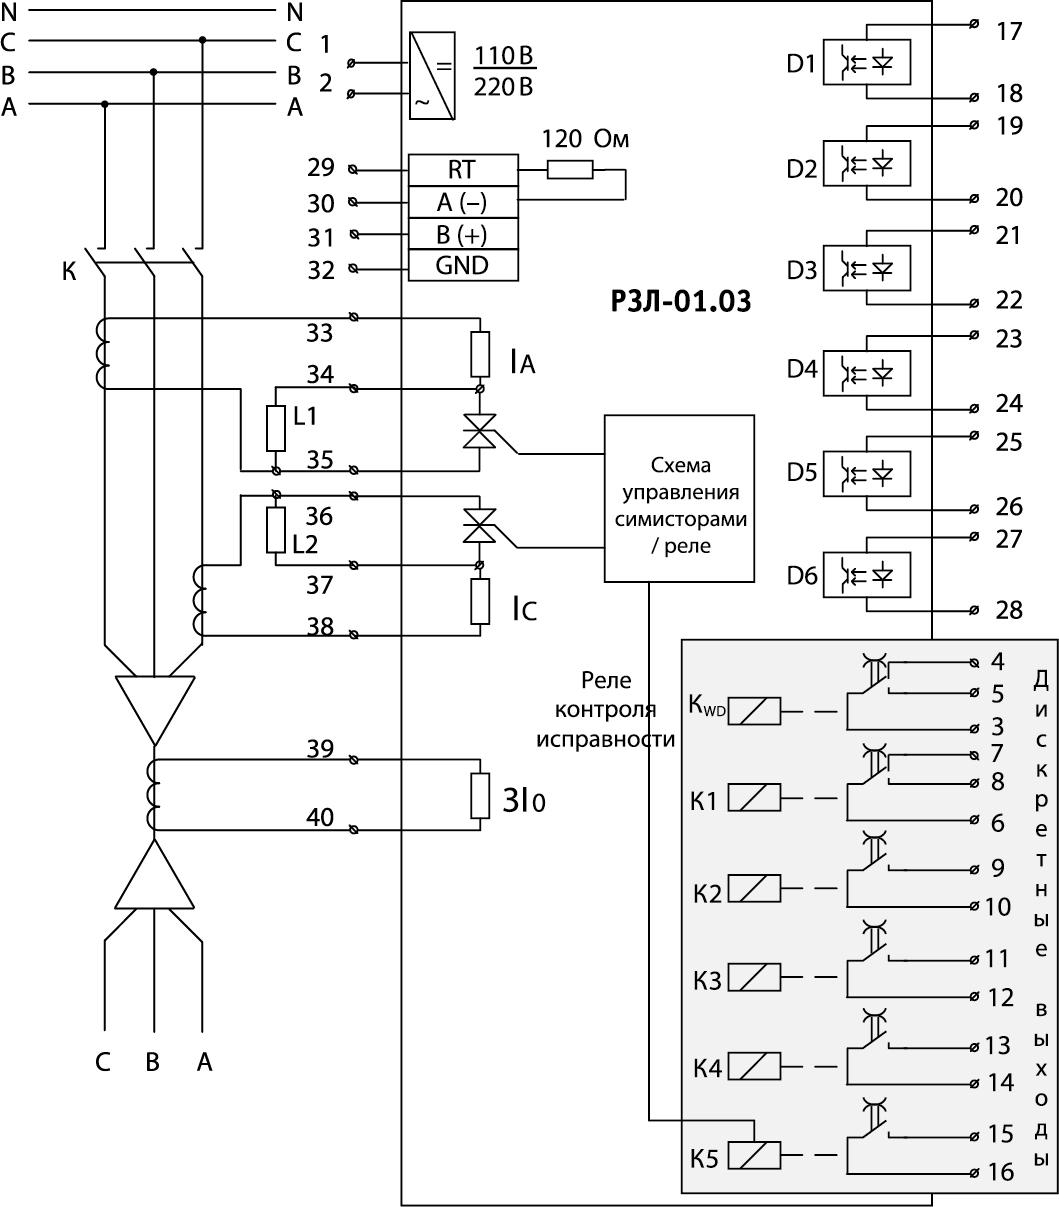 РЗЛ-01.03 - схема подключения